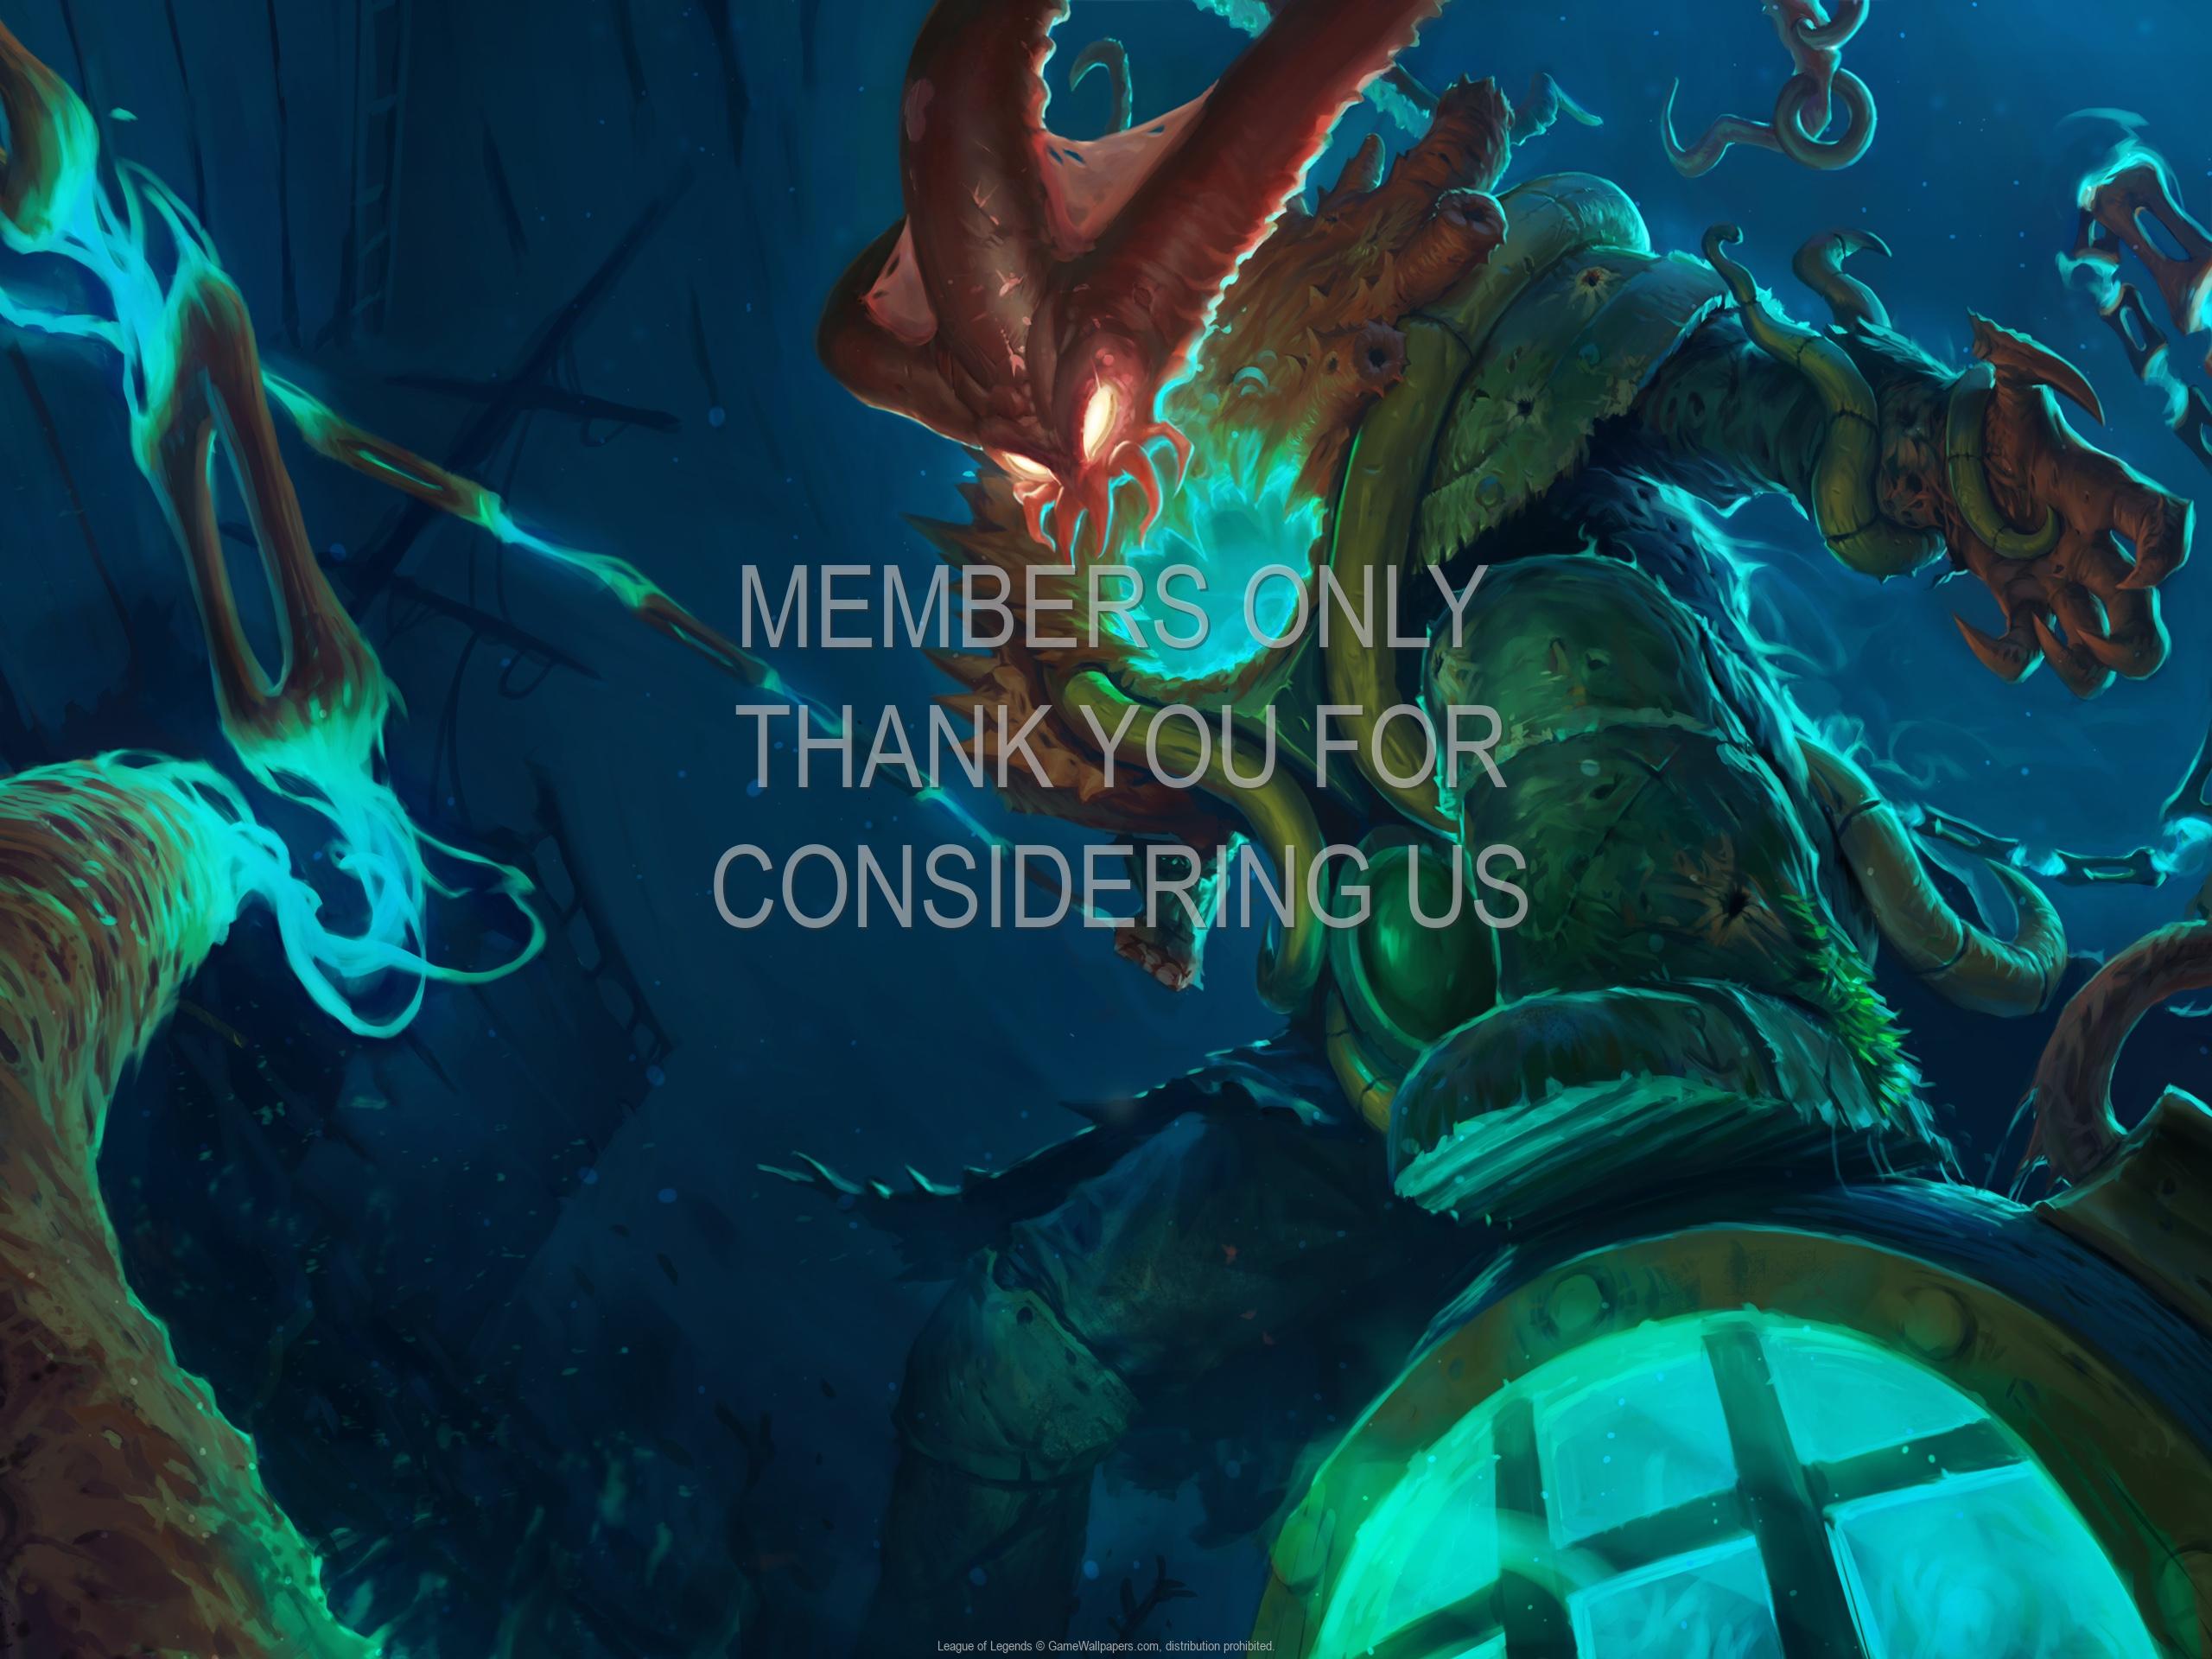 League of Legends 1920x1080 Mobiele achtergrond 14